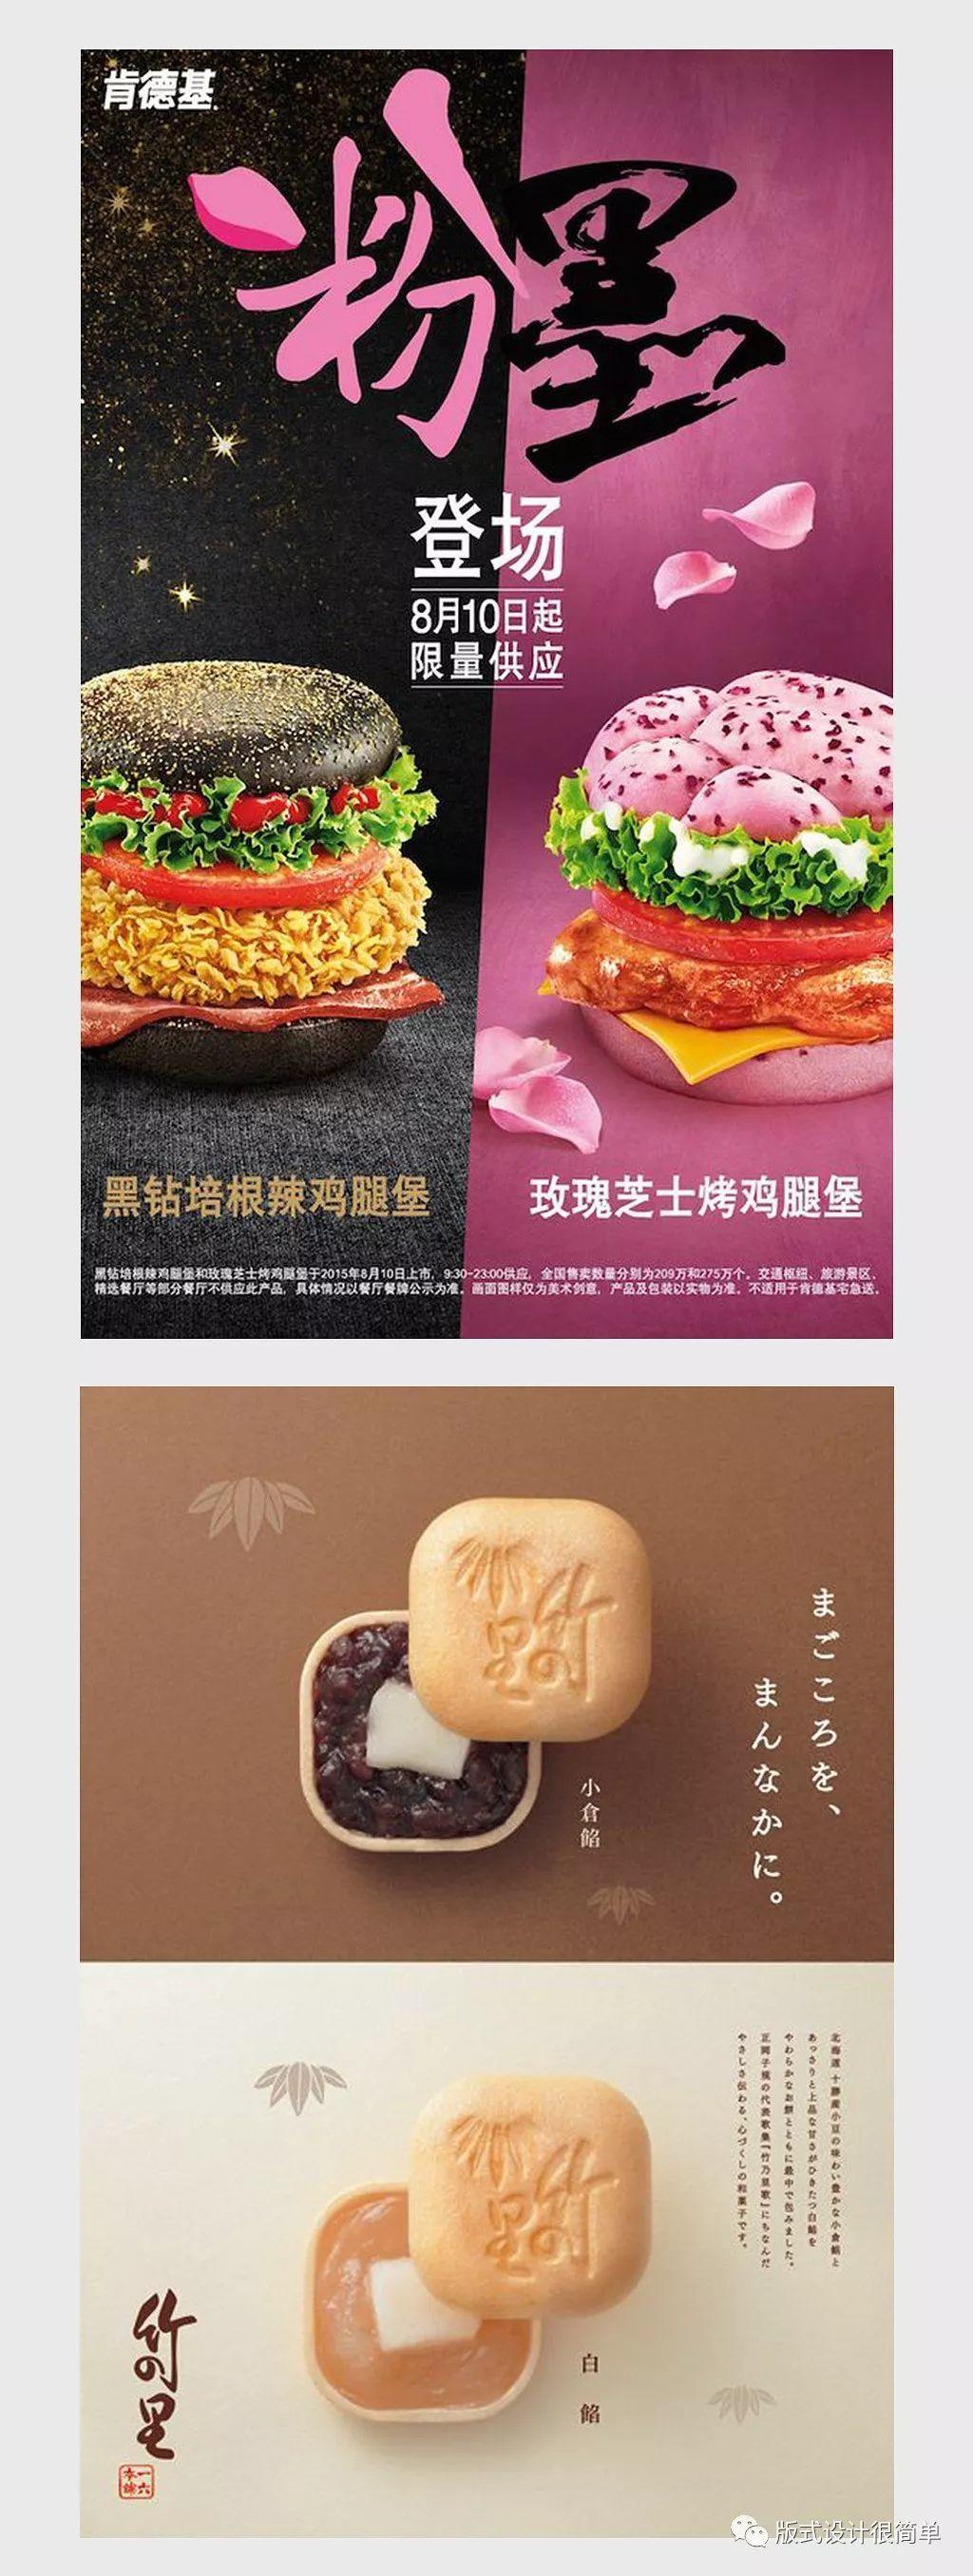 中秋节月饼与汉堡包海报设计